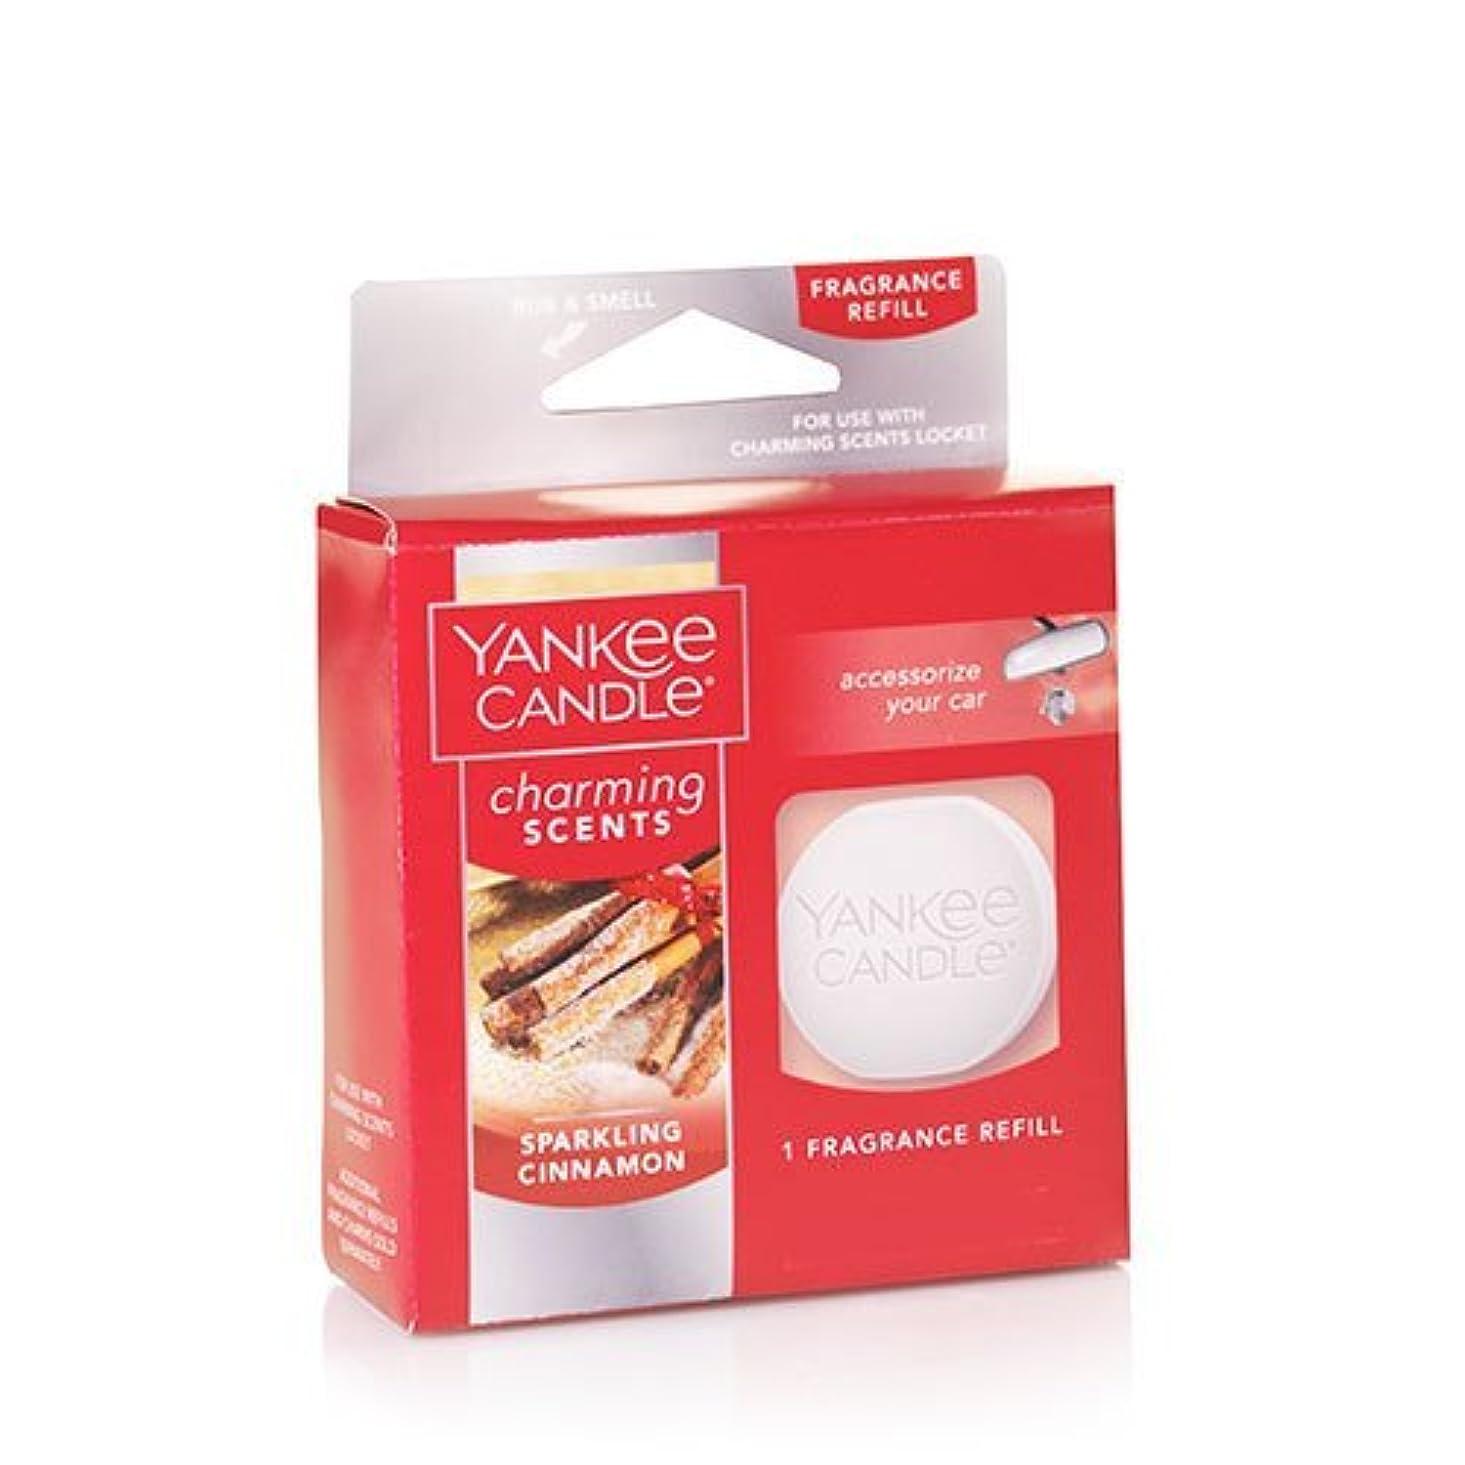 織る賢いシェルYankee Candle SparklingシナモンCharming Scents Fragrance Refill, Festive香り